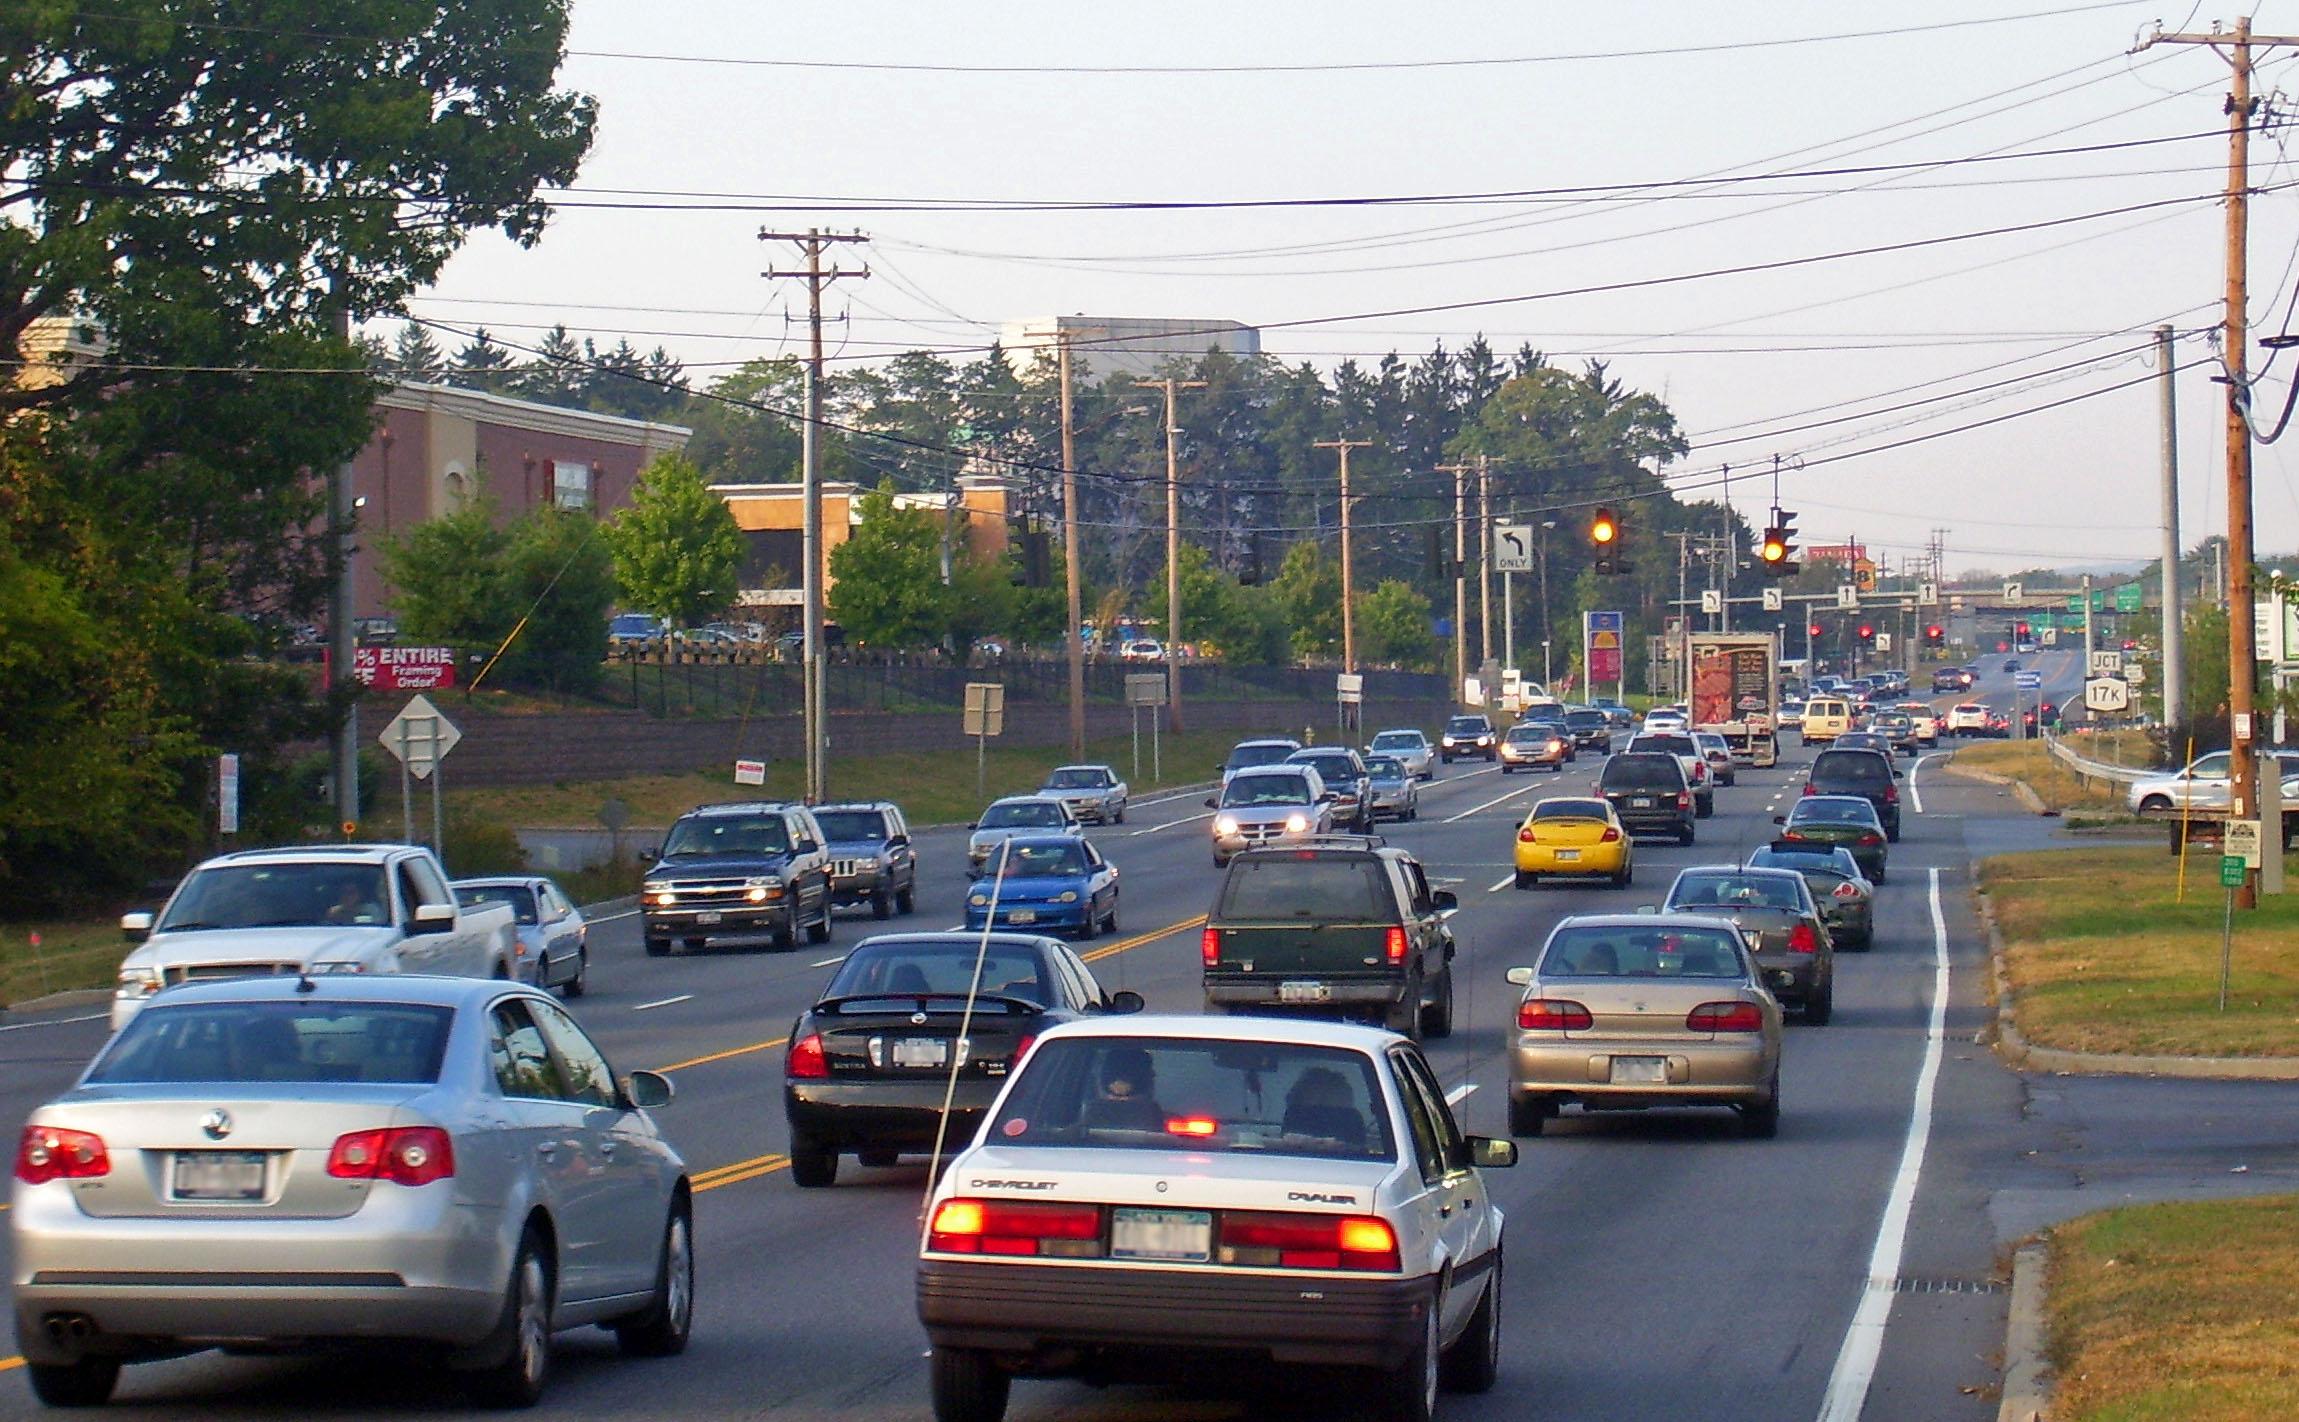 NY 300 in Town of Newburgh, NY.jpg